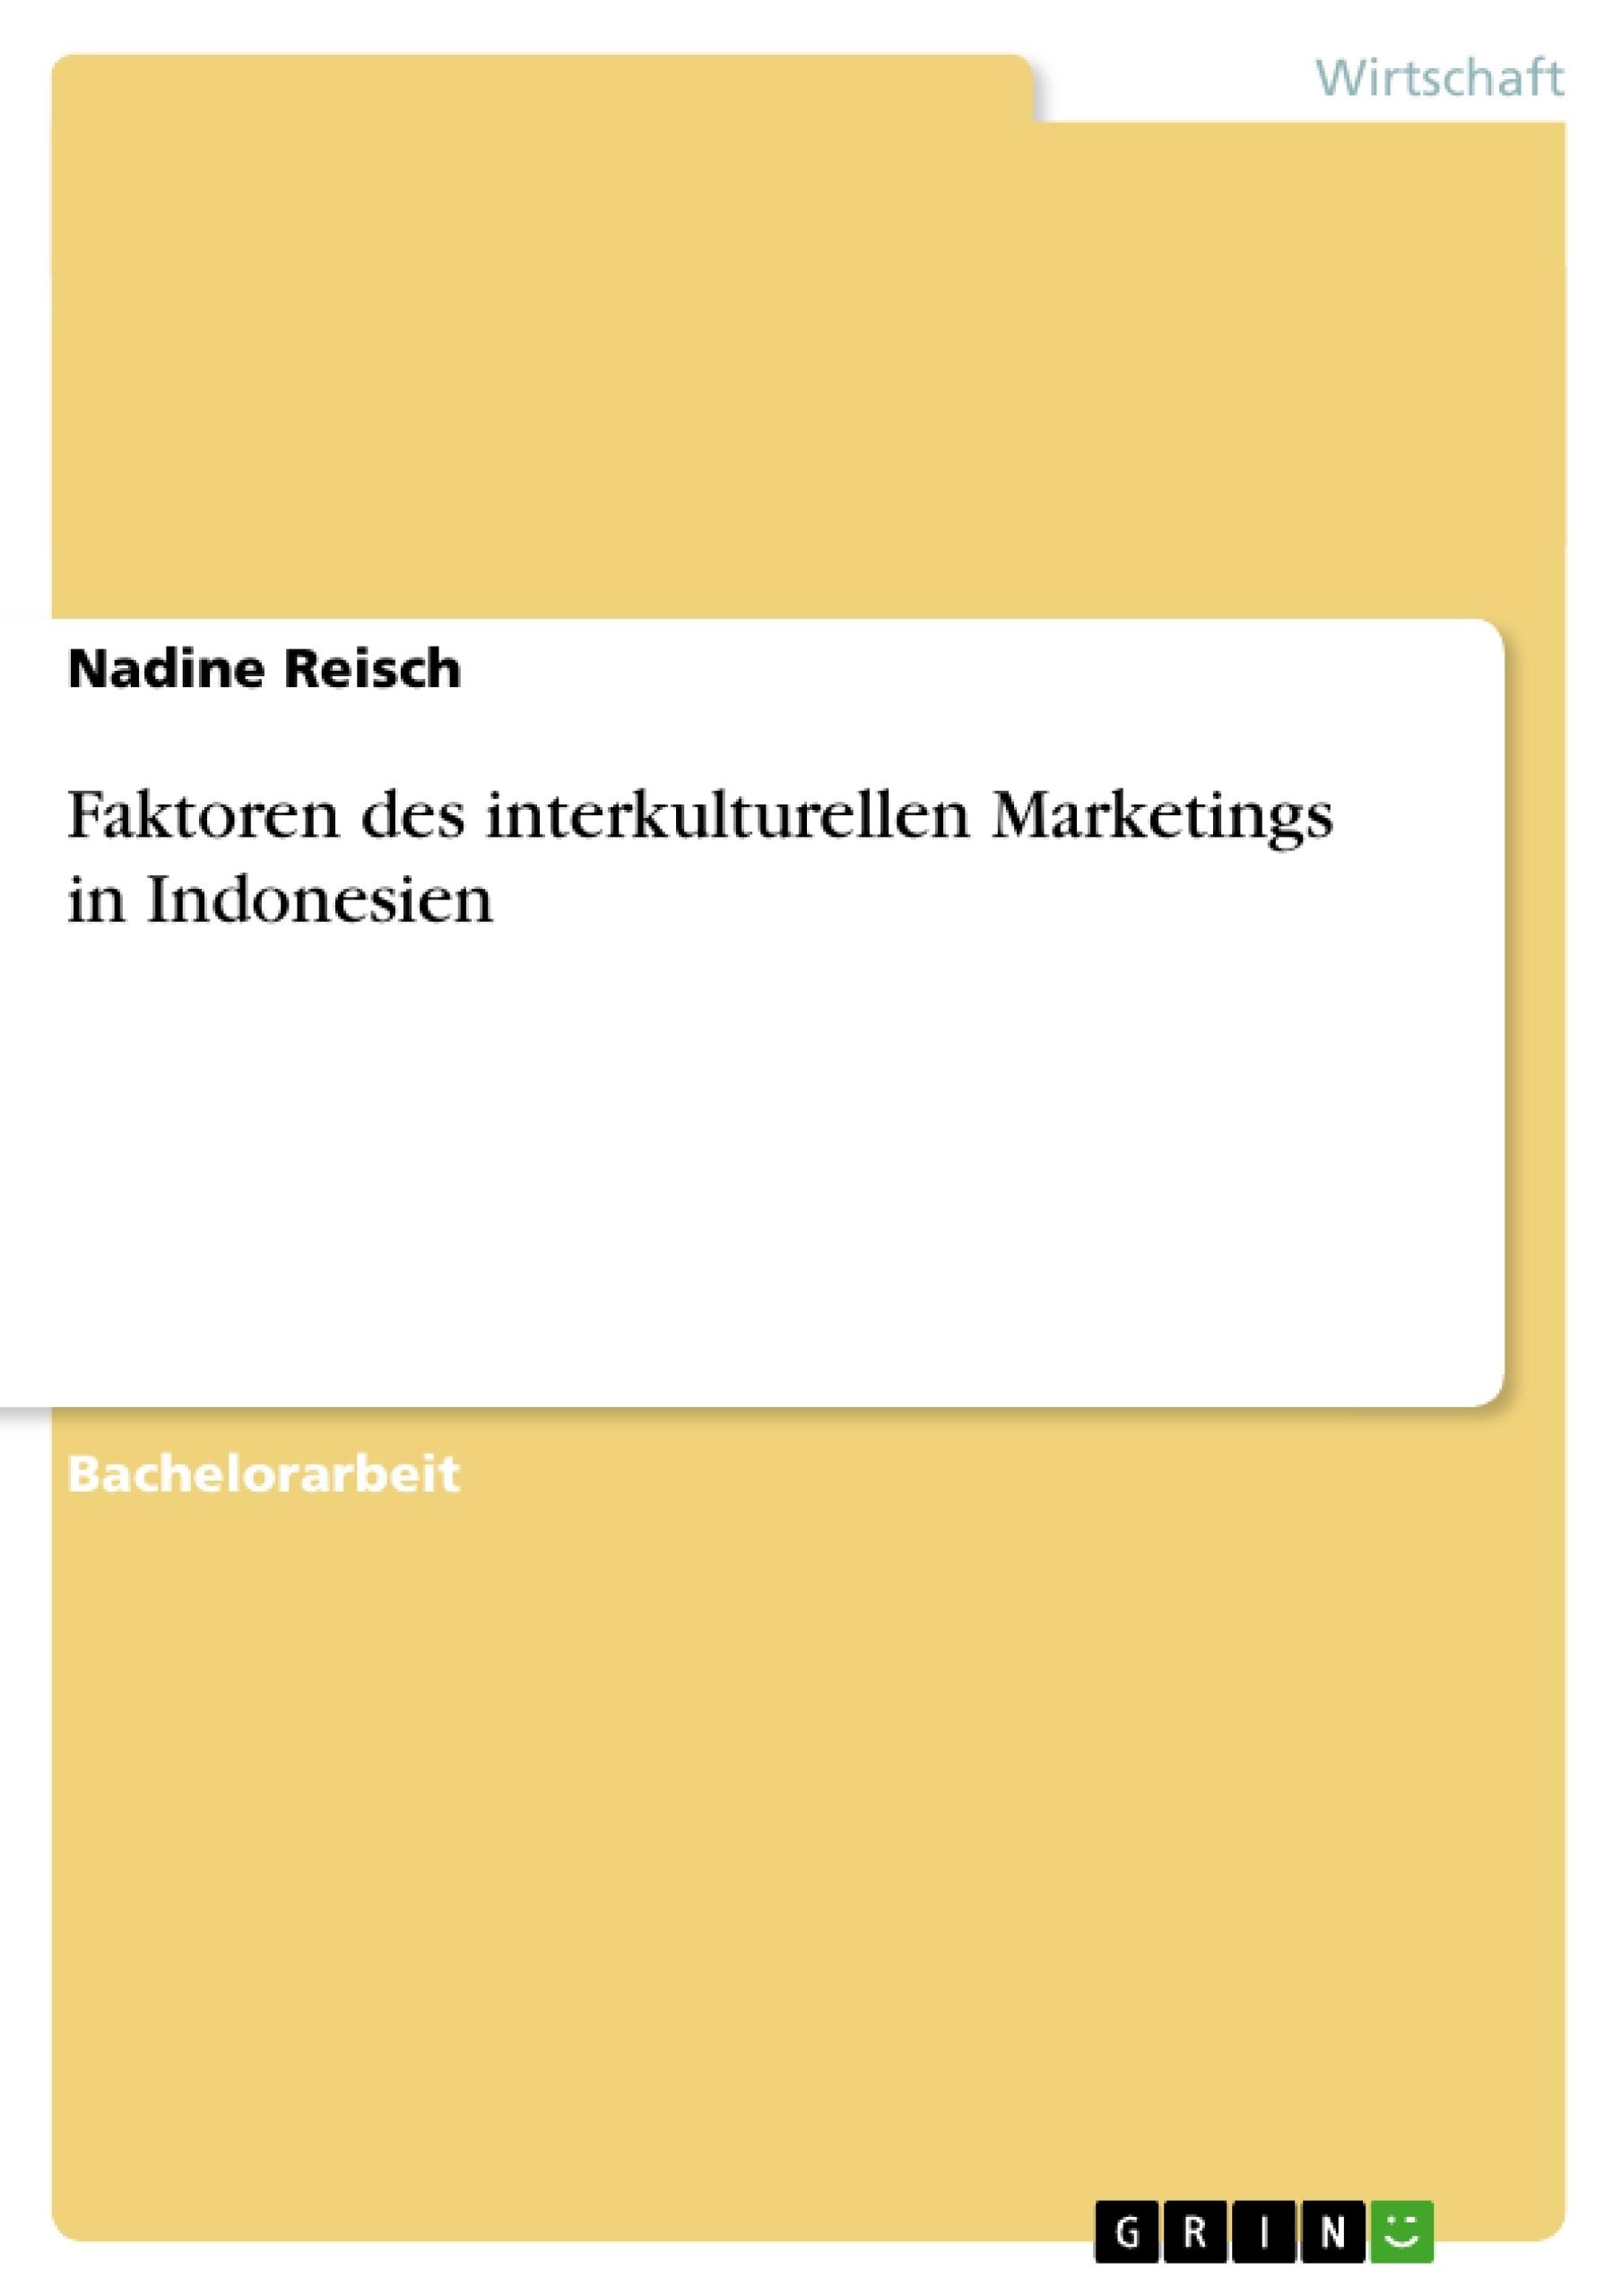 Titel: Faktoren des interkulturellen Marketings in Indonesien